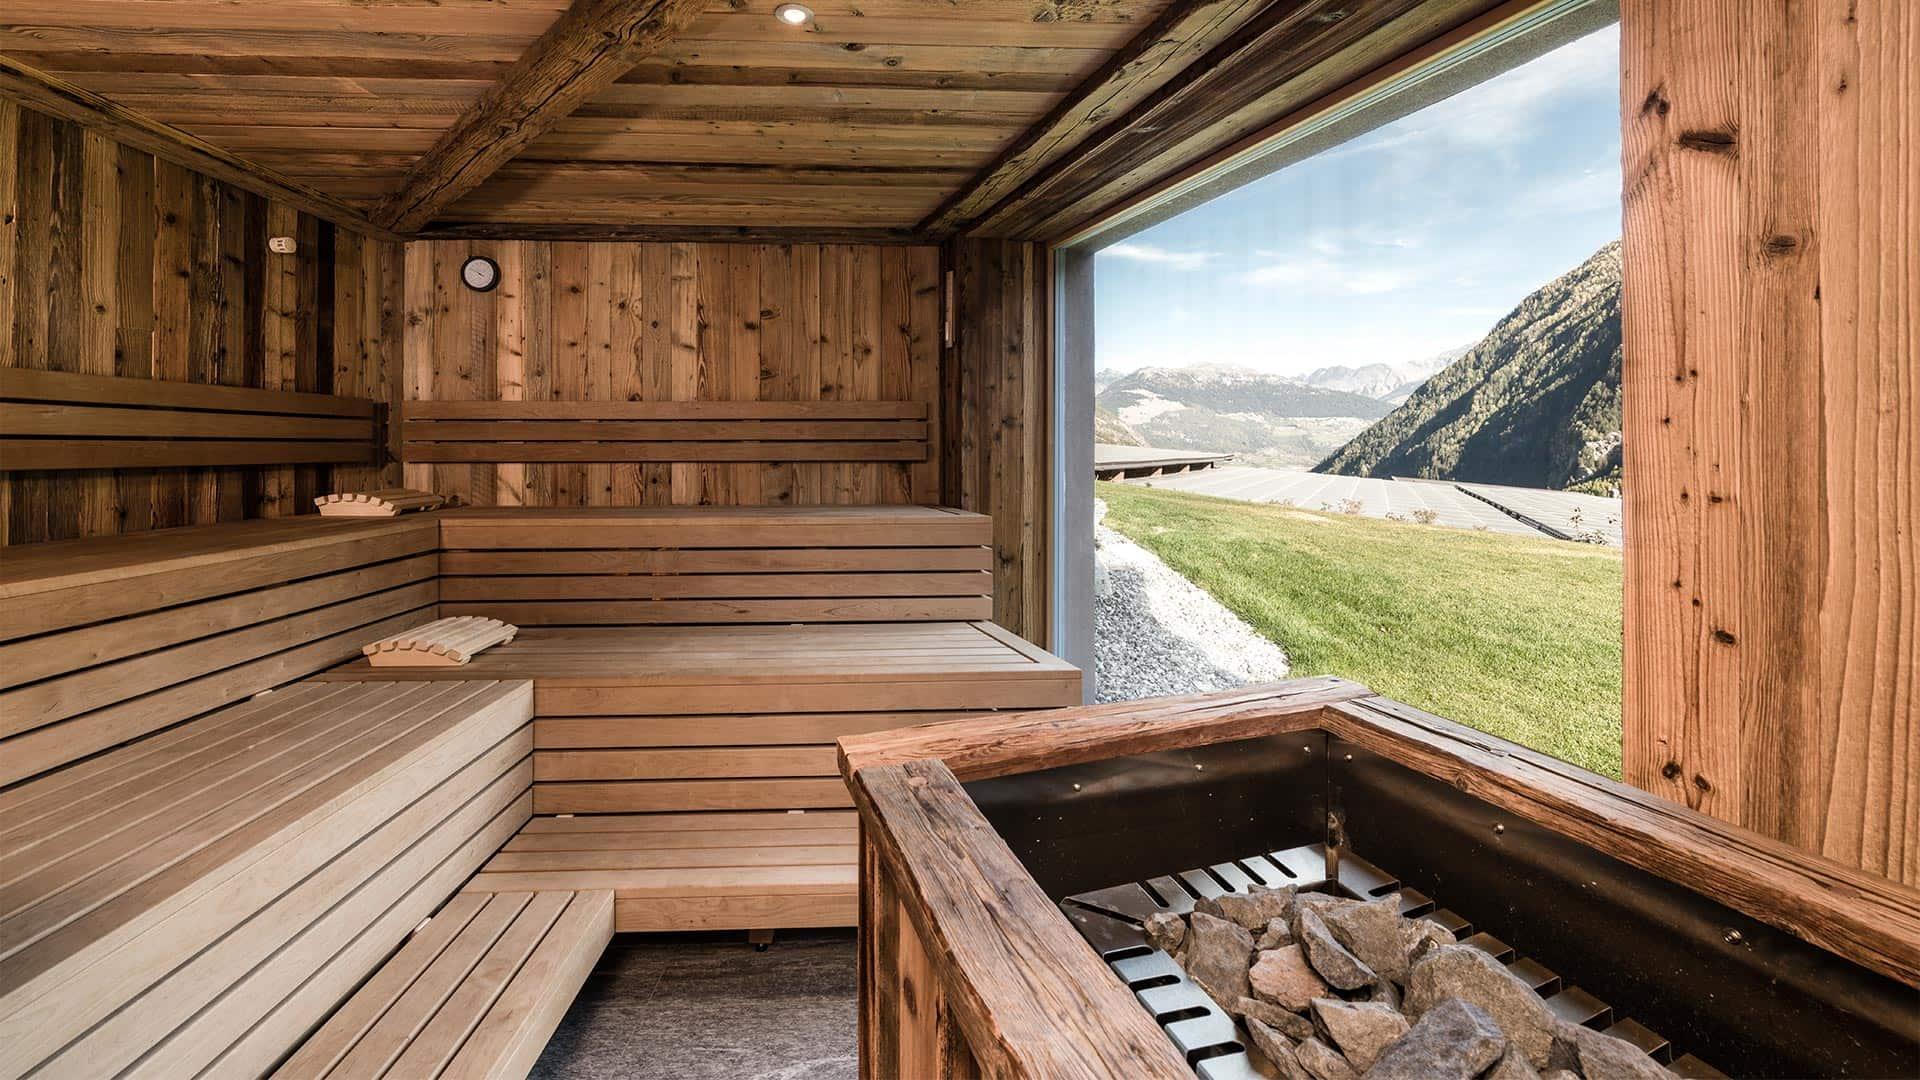 Unsere Saunawelt im Vinschgau | Tuberis Nature & Spa